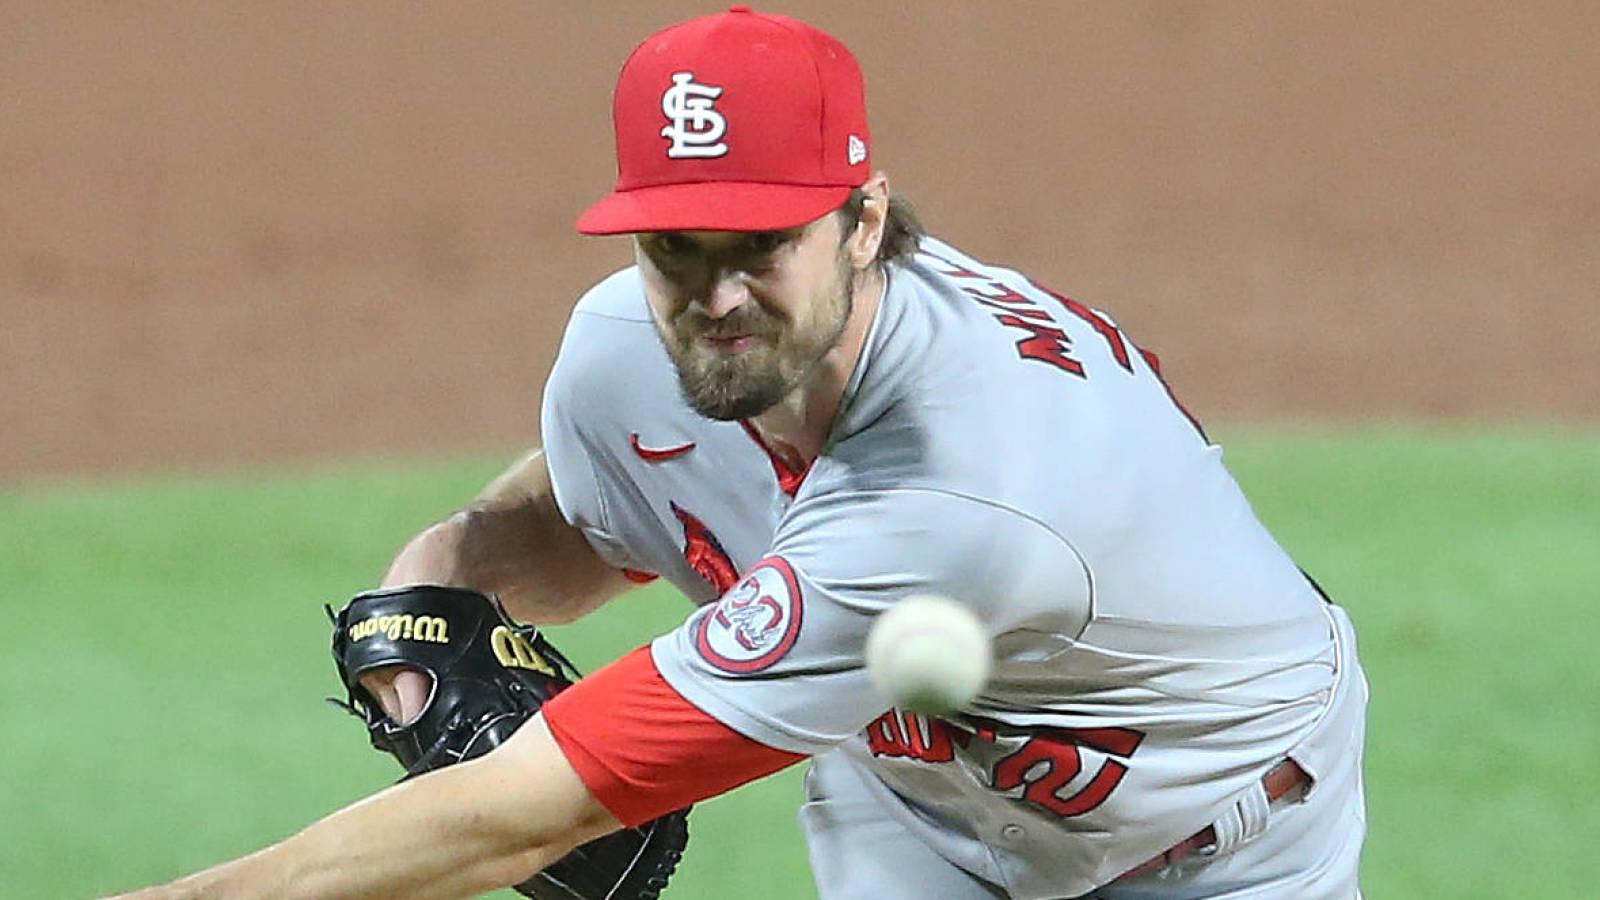 Cardinals reliever Andrew Miller's 2021 option vests